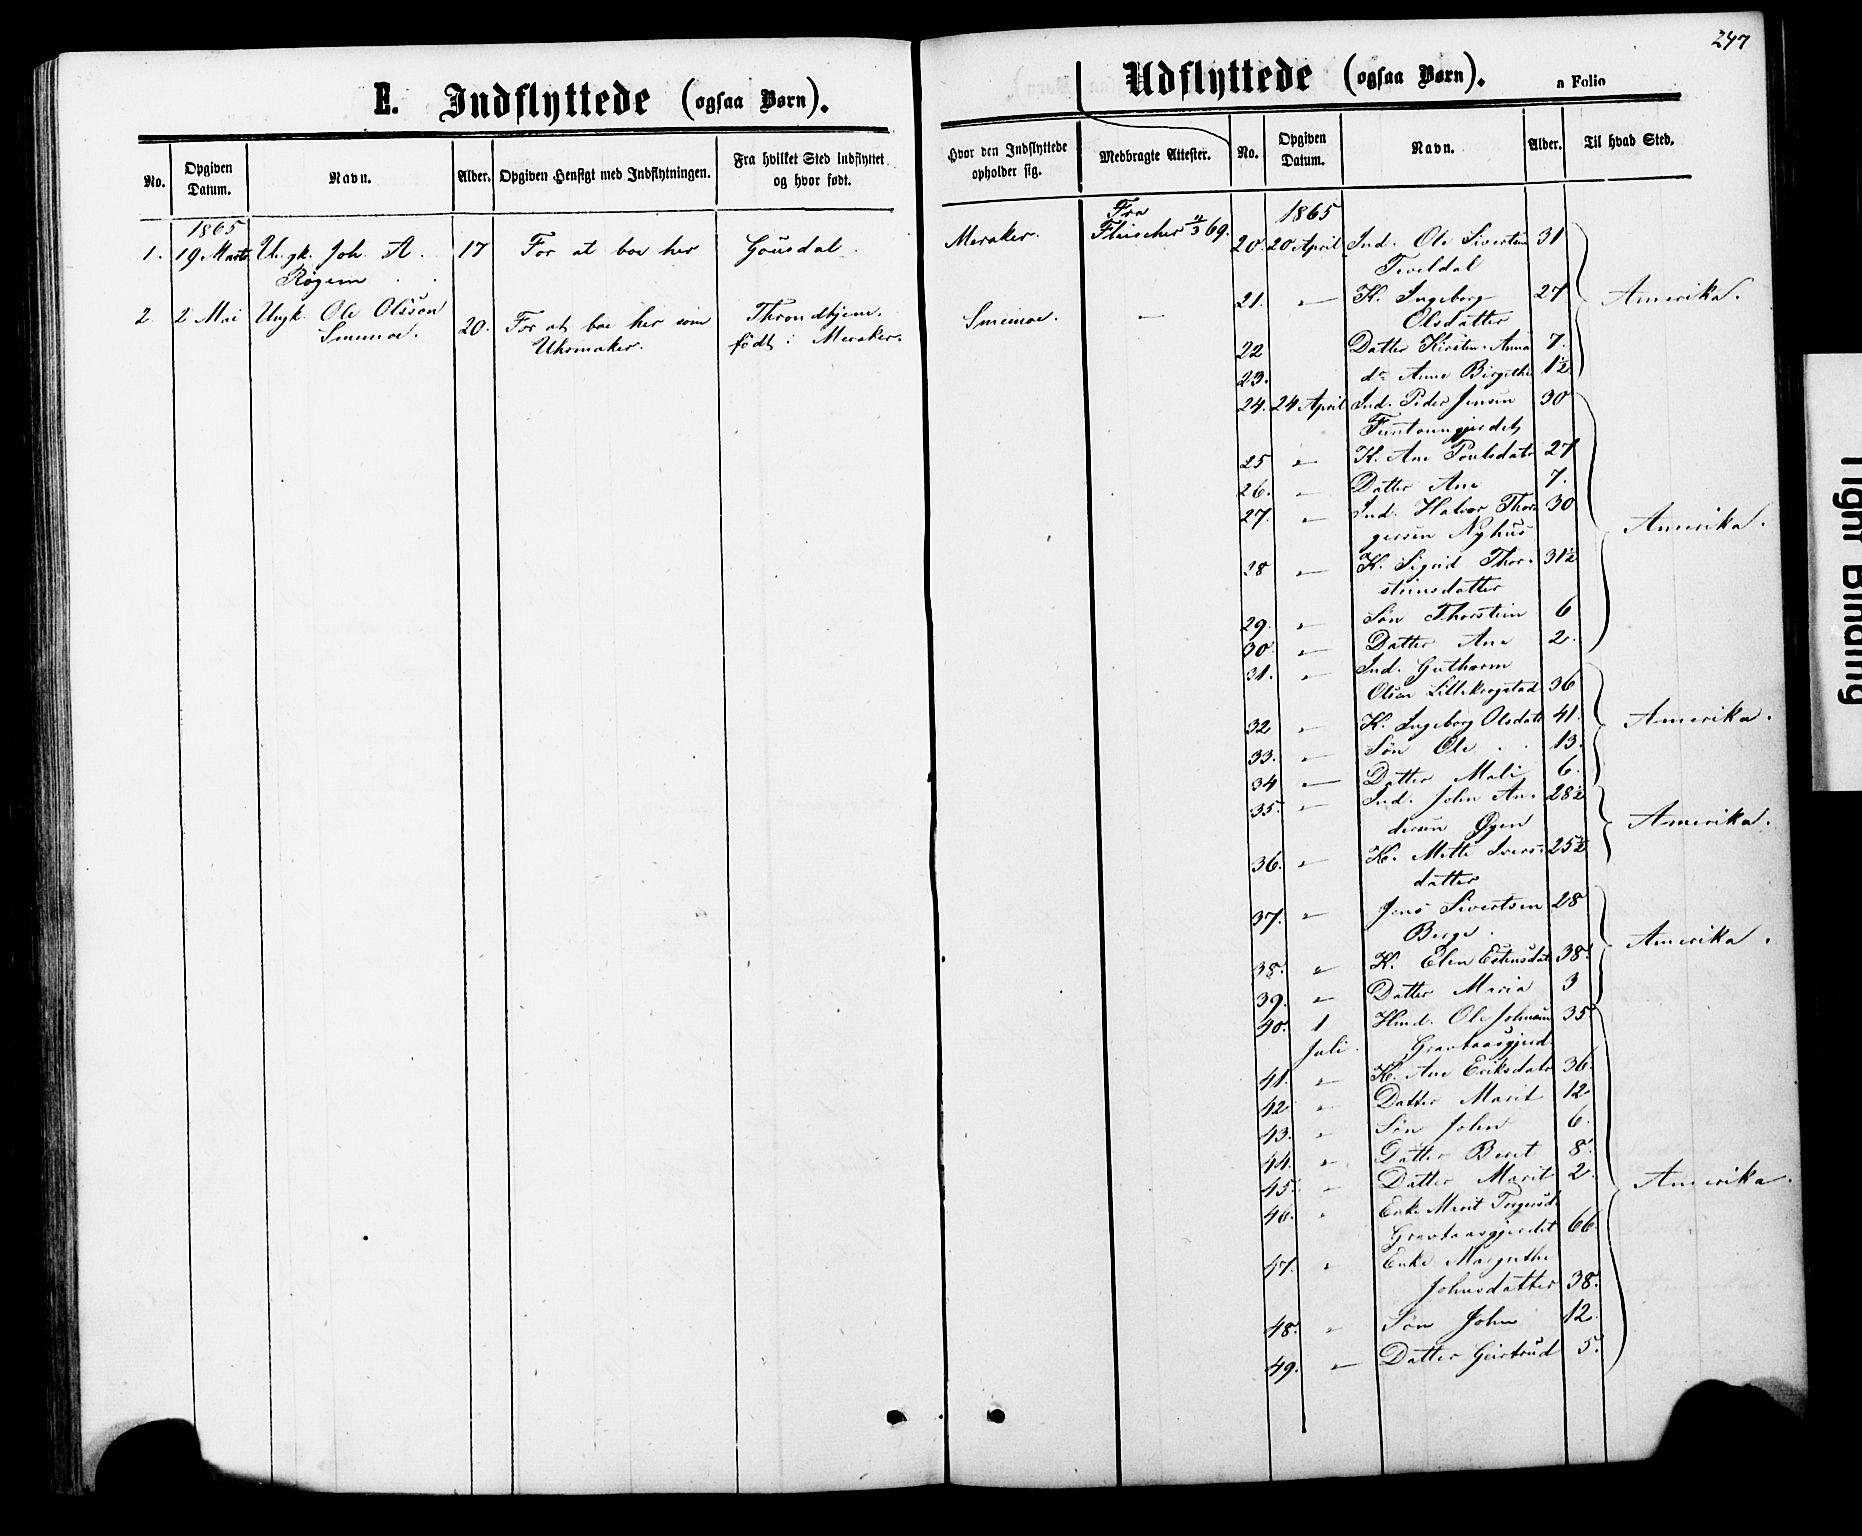 SAT, Ministerialprotokoller, klokkerbøker og fødselsregistre - Nord-Trøndelag, 706/L0049: Parish register (copy) no. 706C01, 1864-1895, p. 247